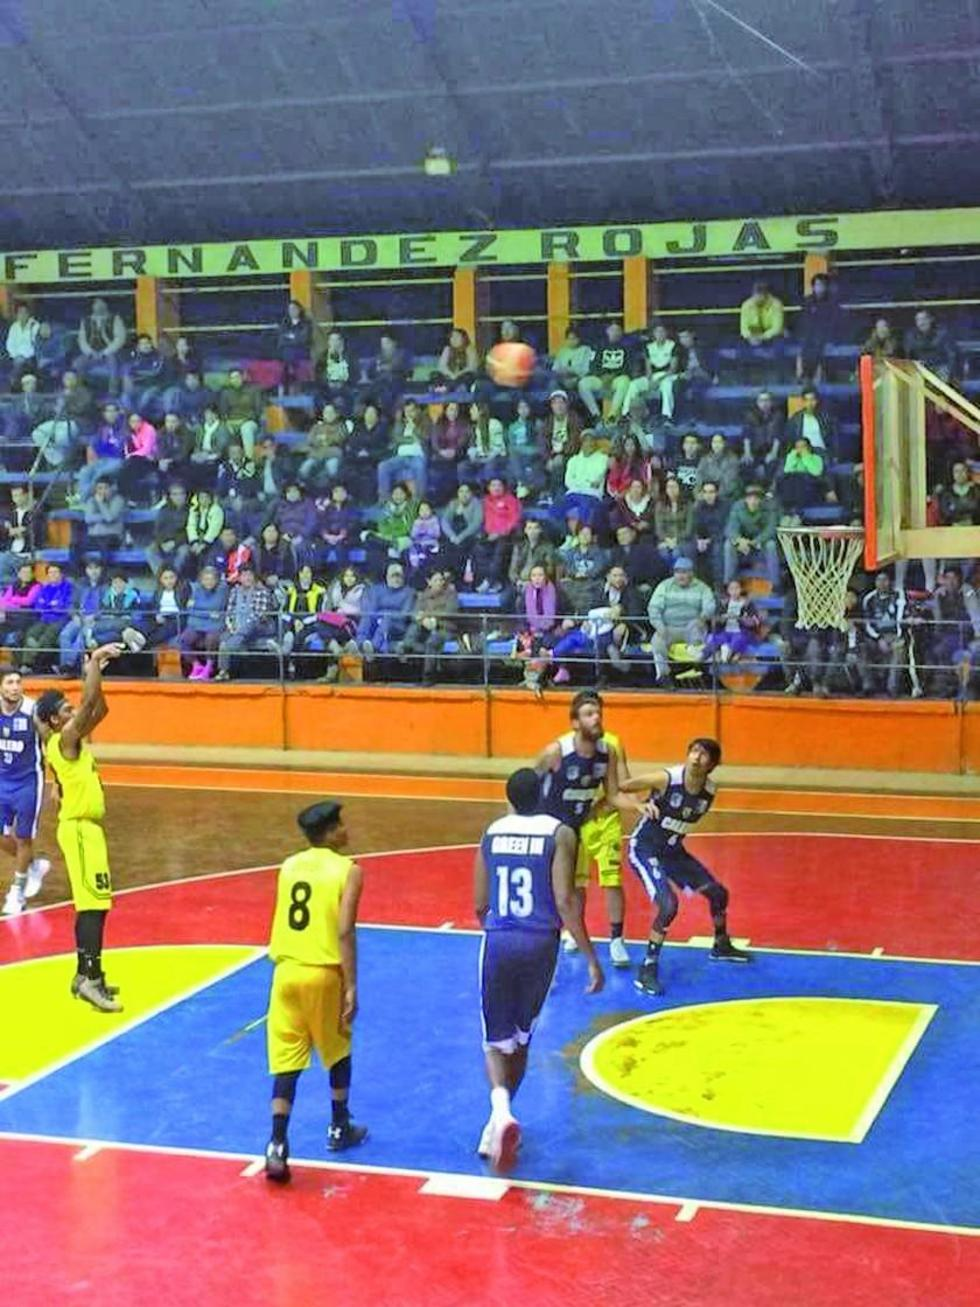 Calero gana  y Pichincha sigue vivo en la Liga de básquet